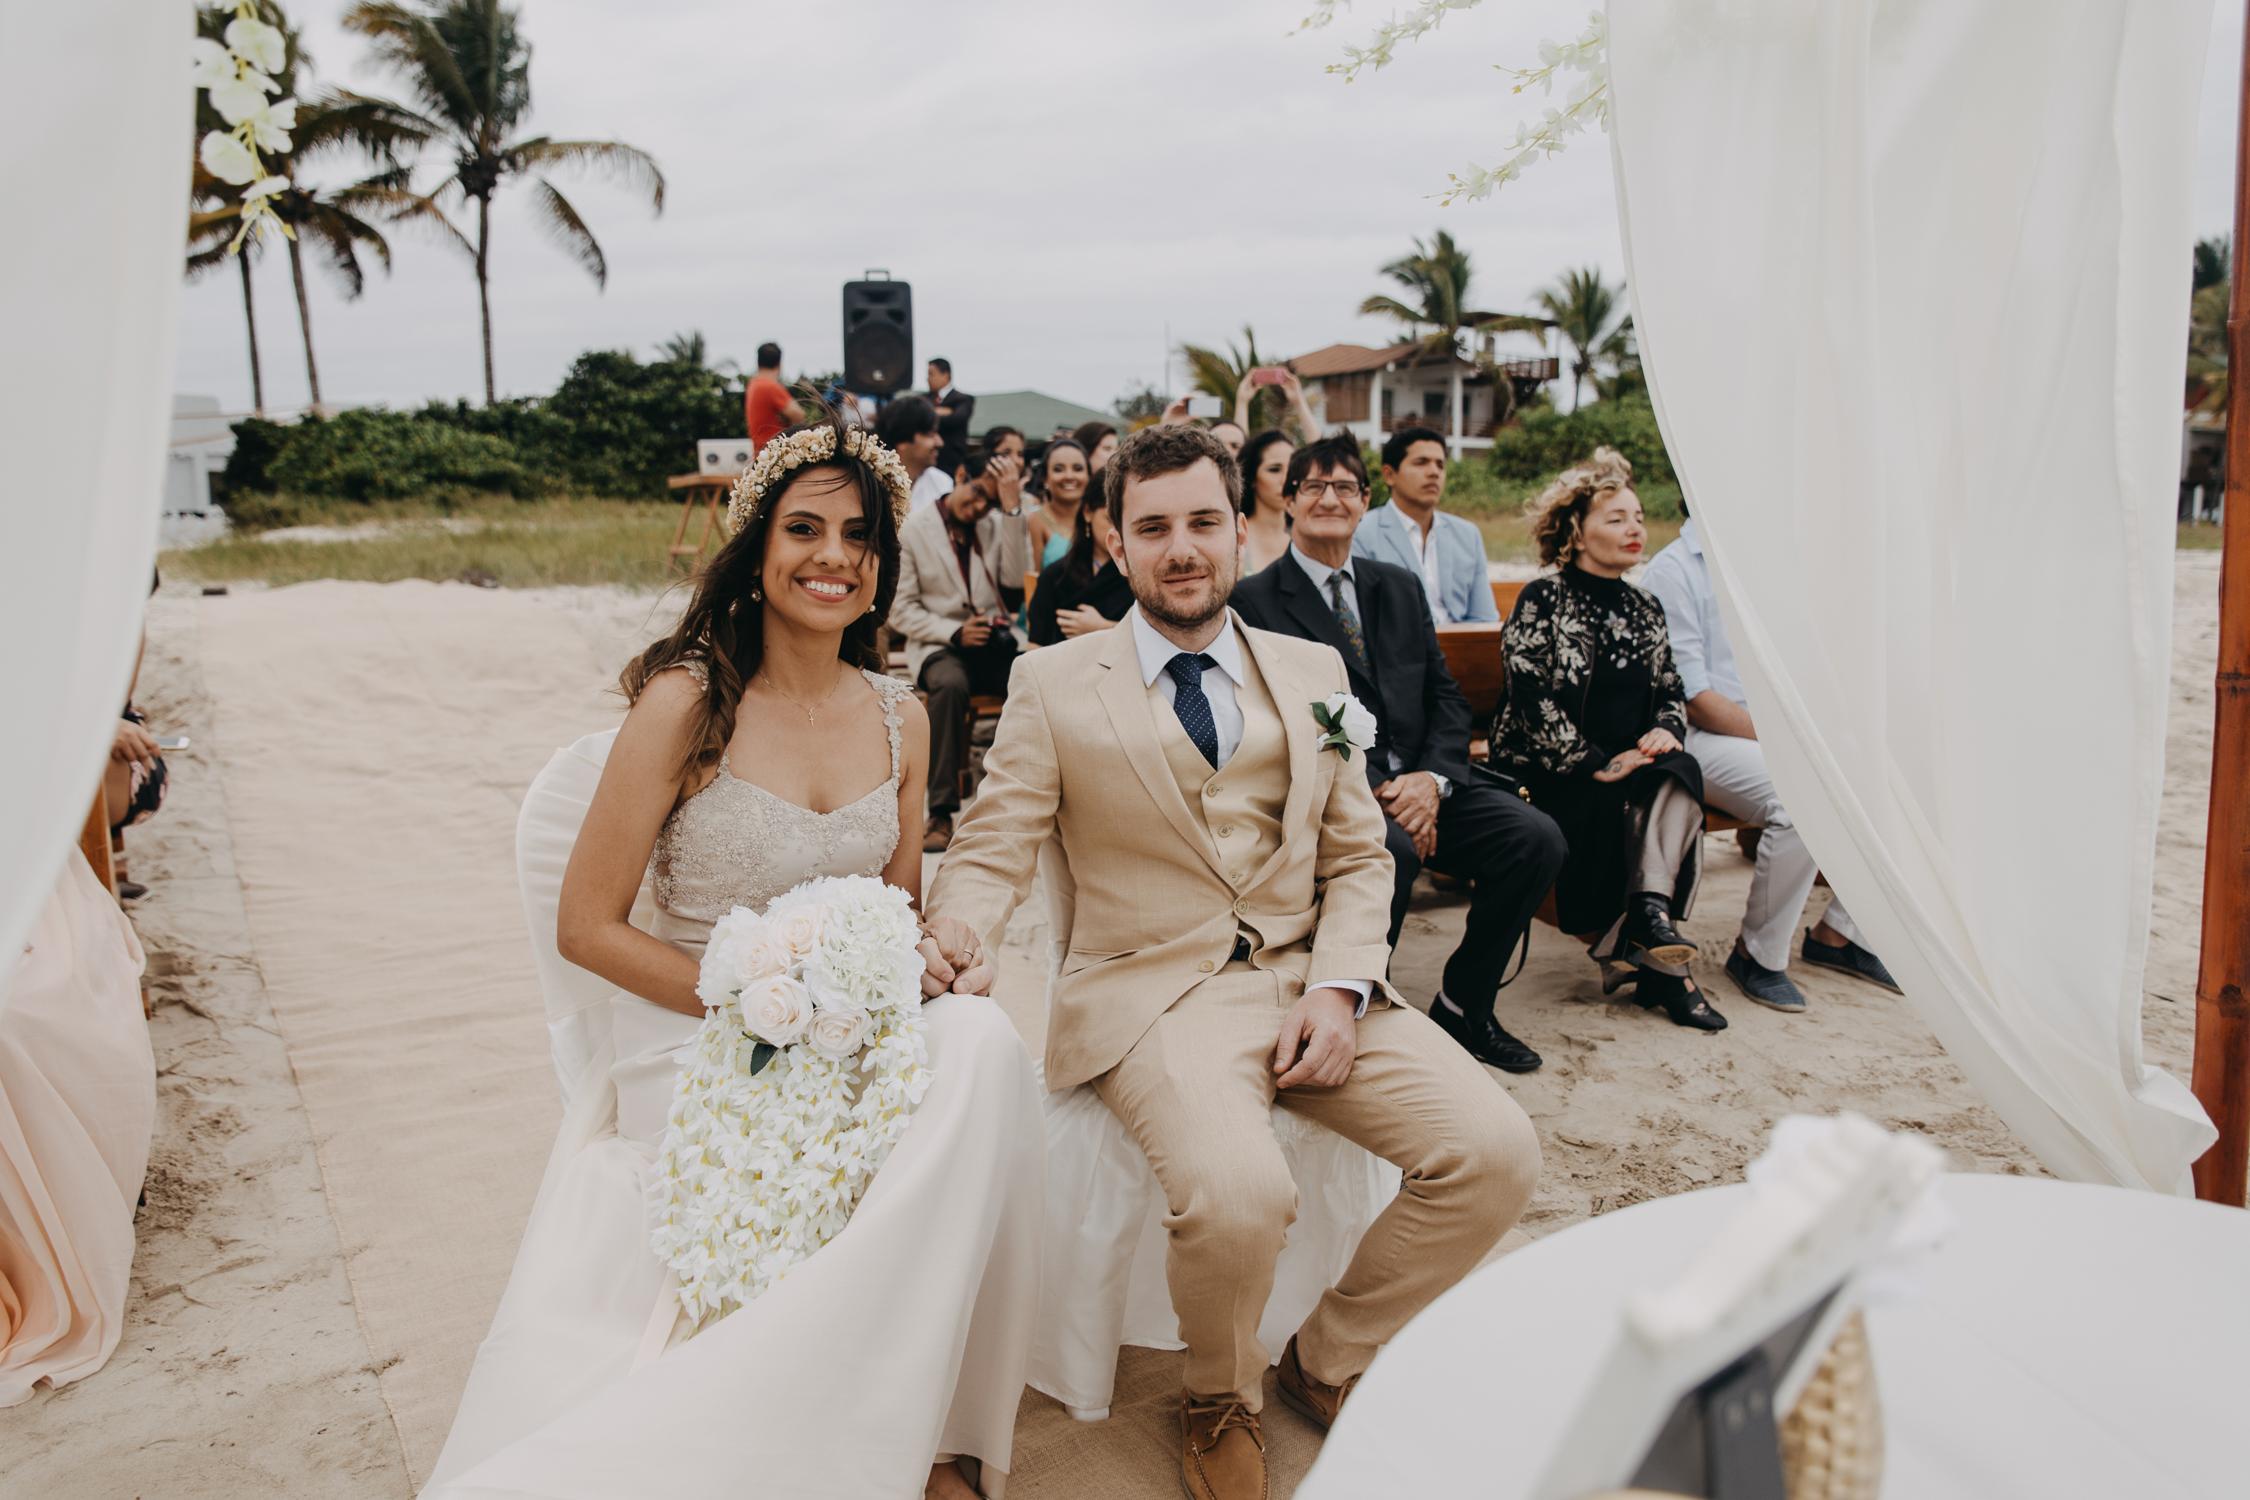 Michelle-Agurto-Fotografia-Bodas-Ecuador-Destination-Wedding-Photographer-Galapagos-Andrea-Joaquin-84.JPG